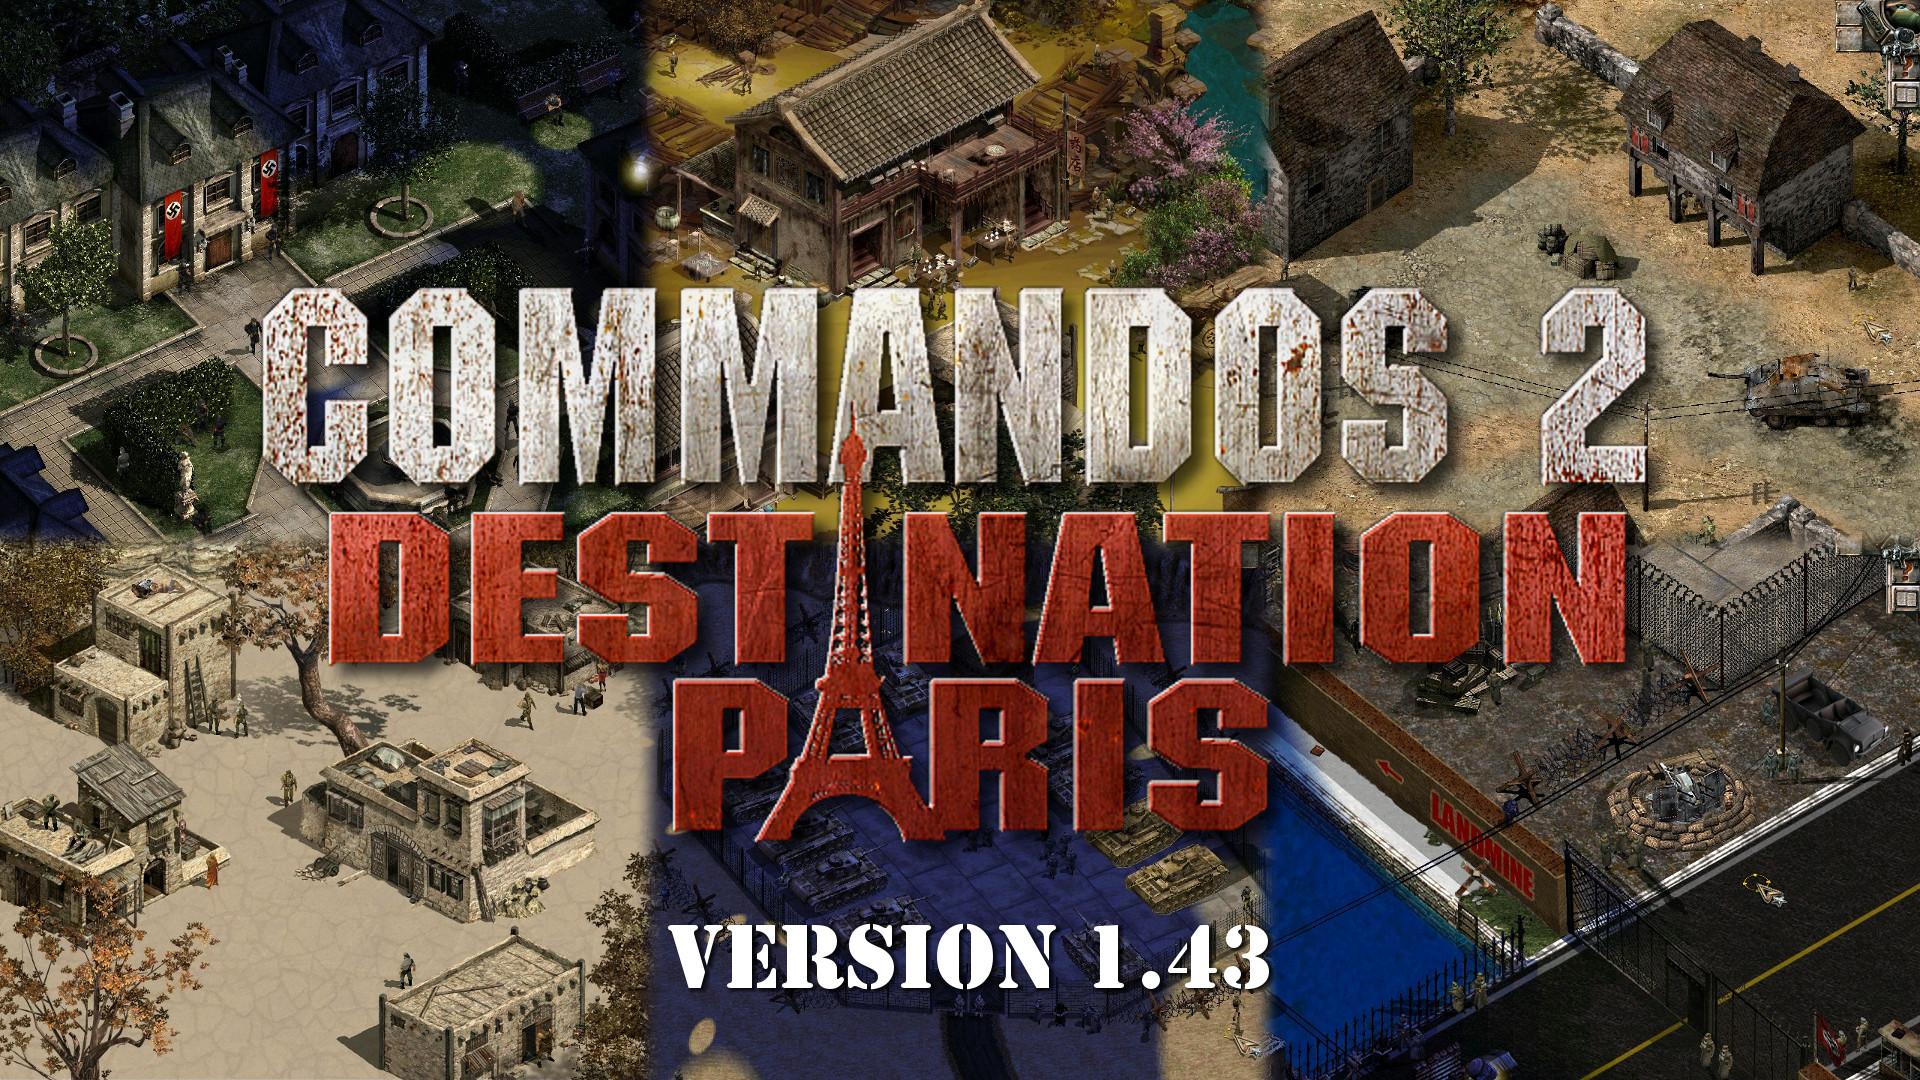 commandos 2 destination paris mod 1.40